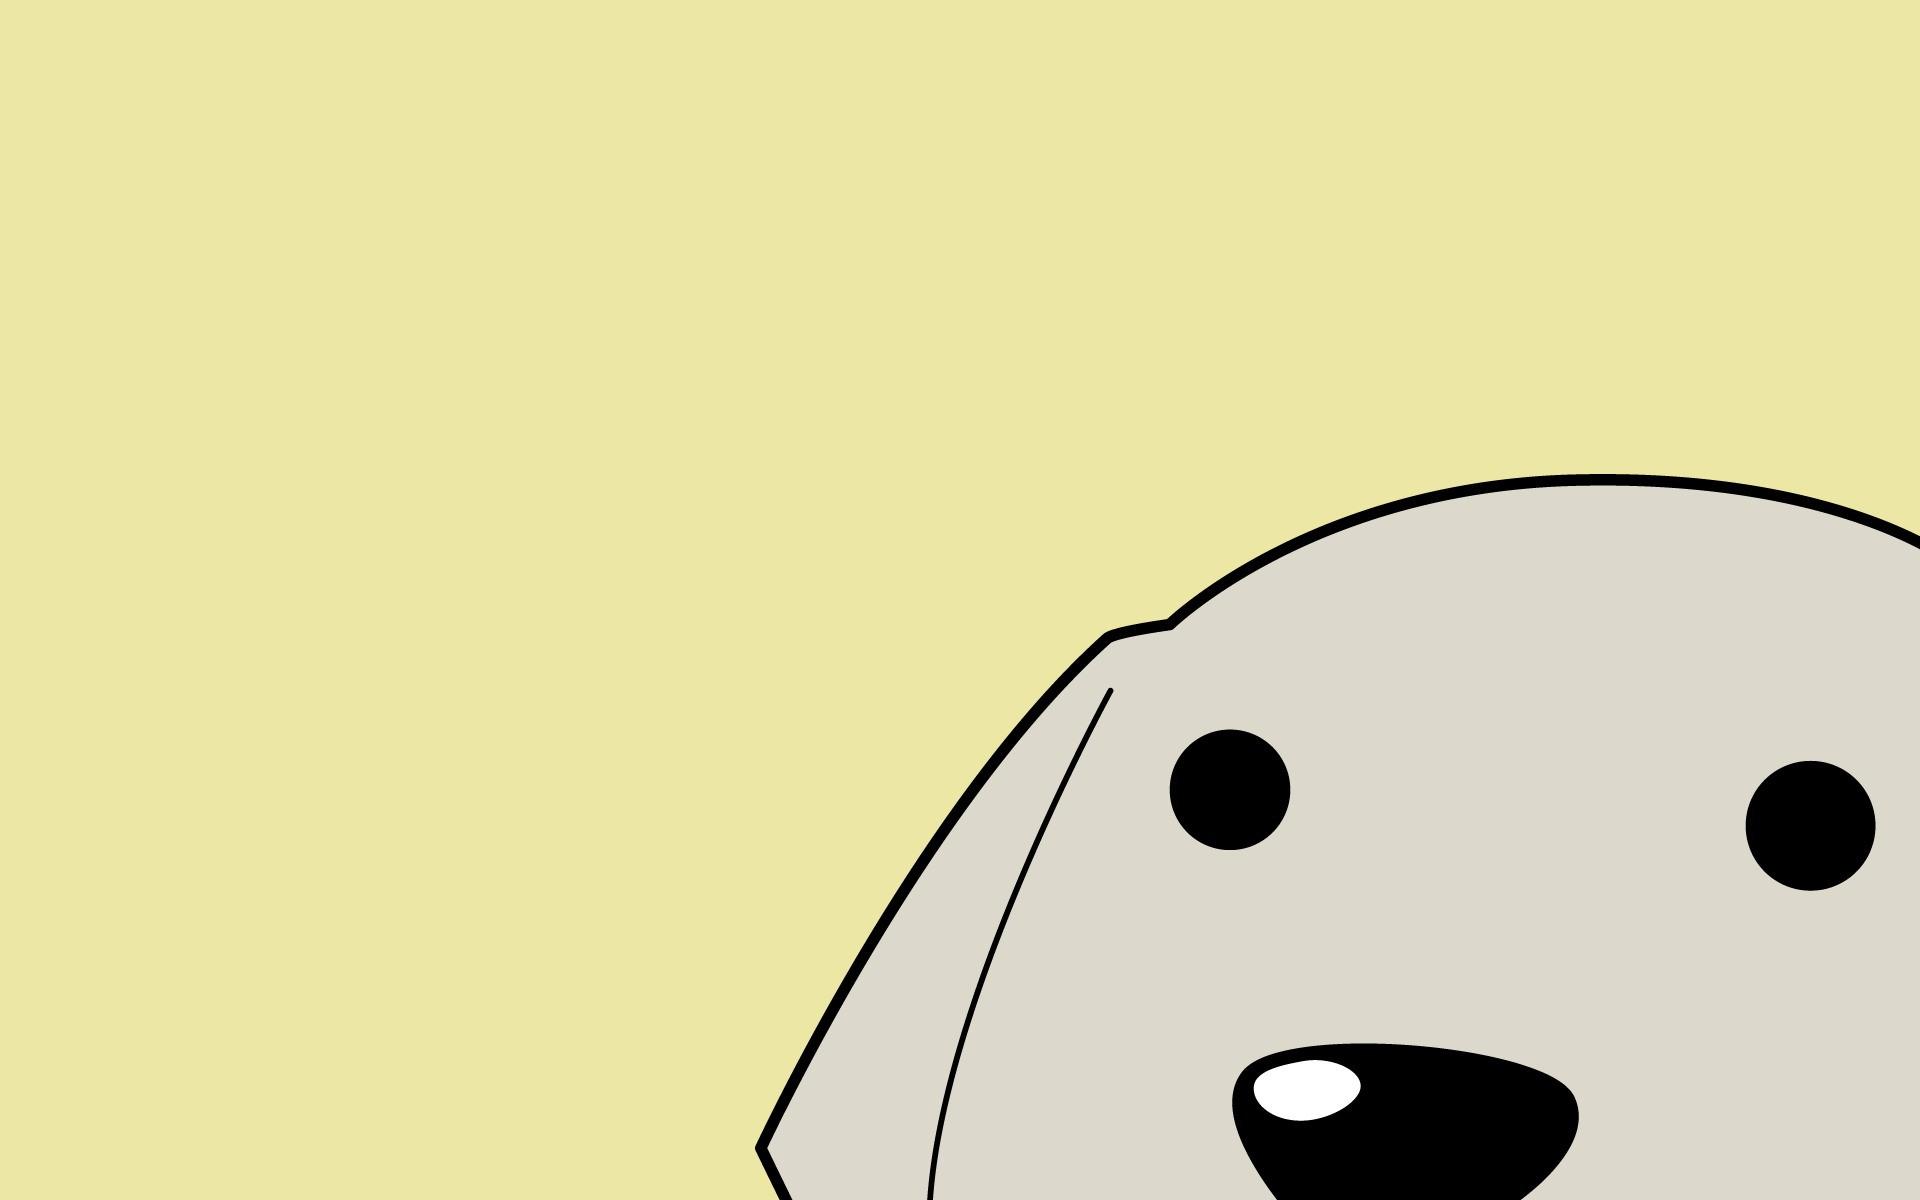 追忆童真!1600超高清可爱卡通壁纸集图片列表